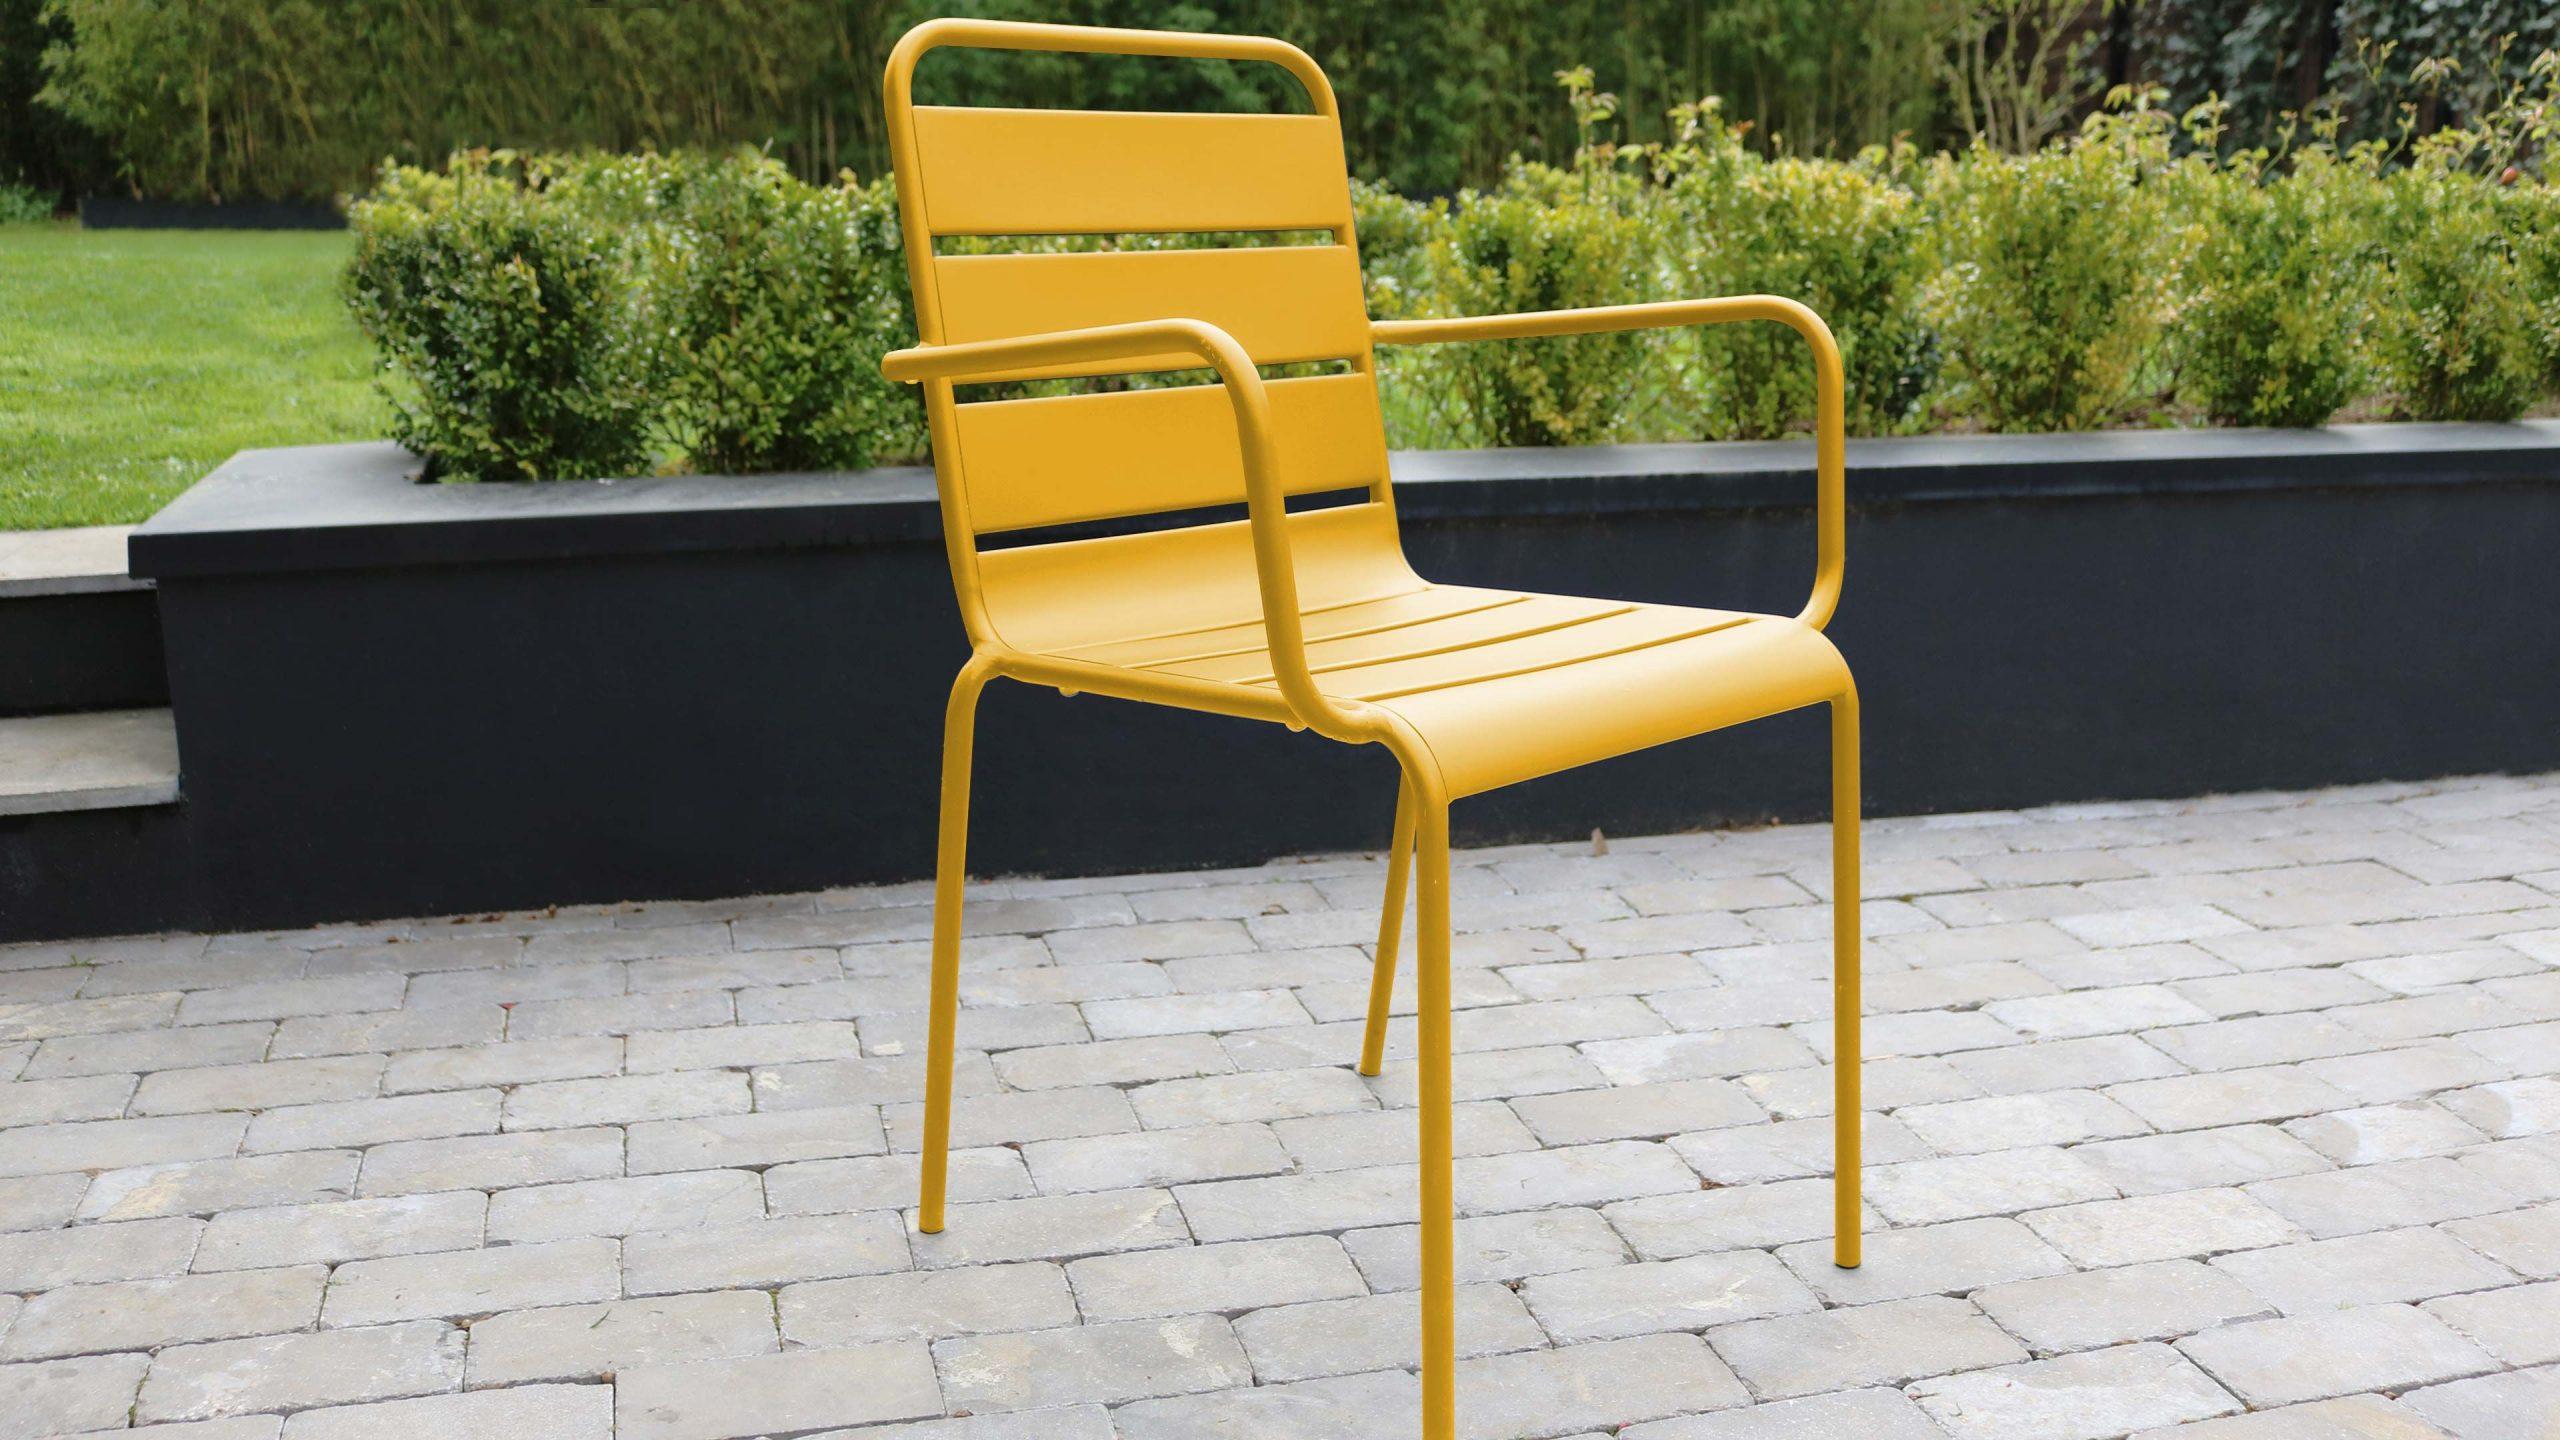 Idée Décoration De Jardin : Le Jaune S'invite Sur Votre ... encequiconcerne Chaise Jardin Colorée